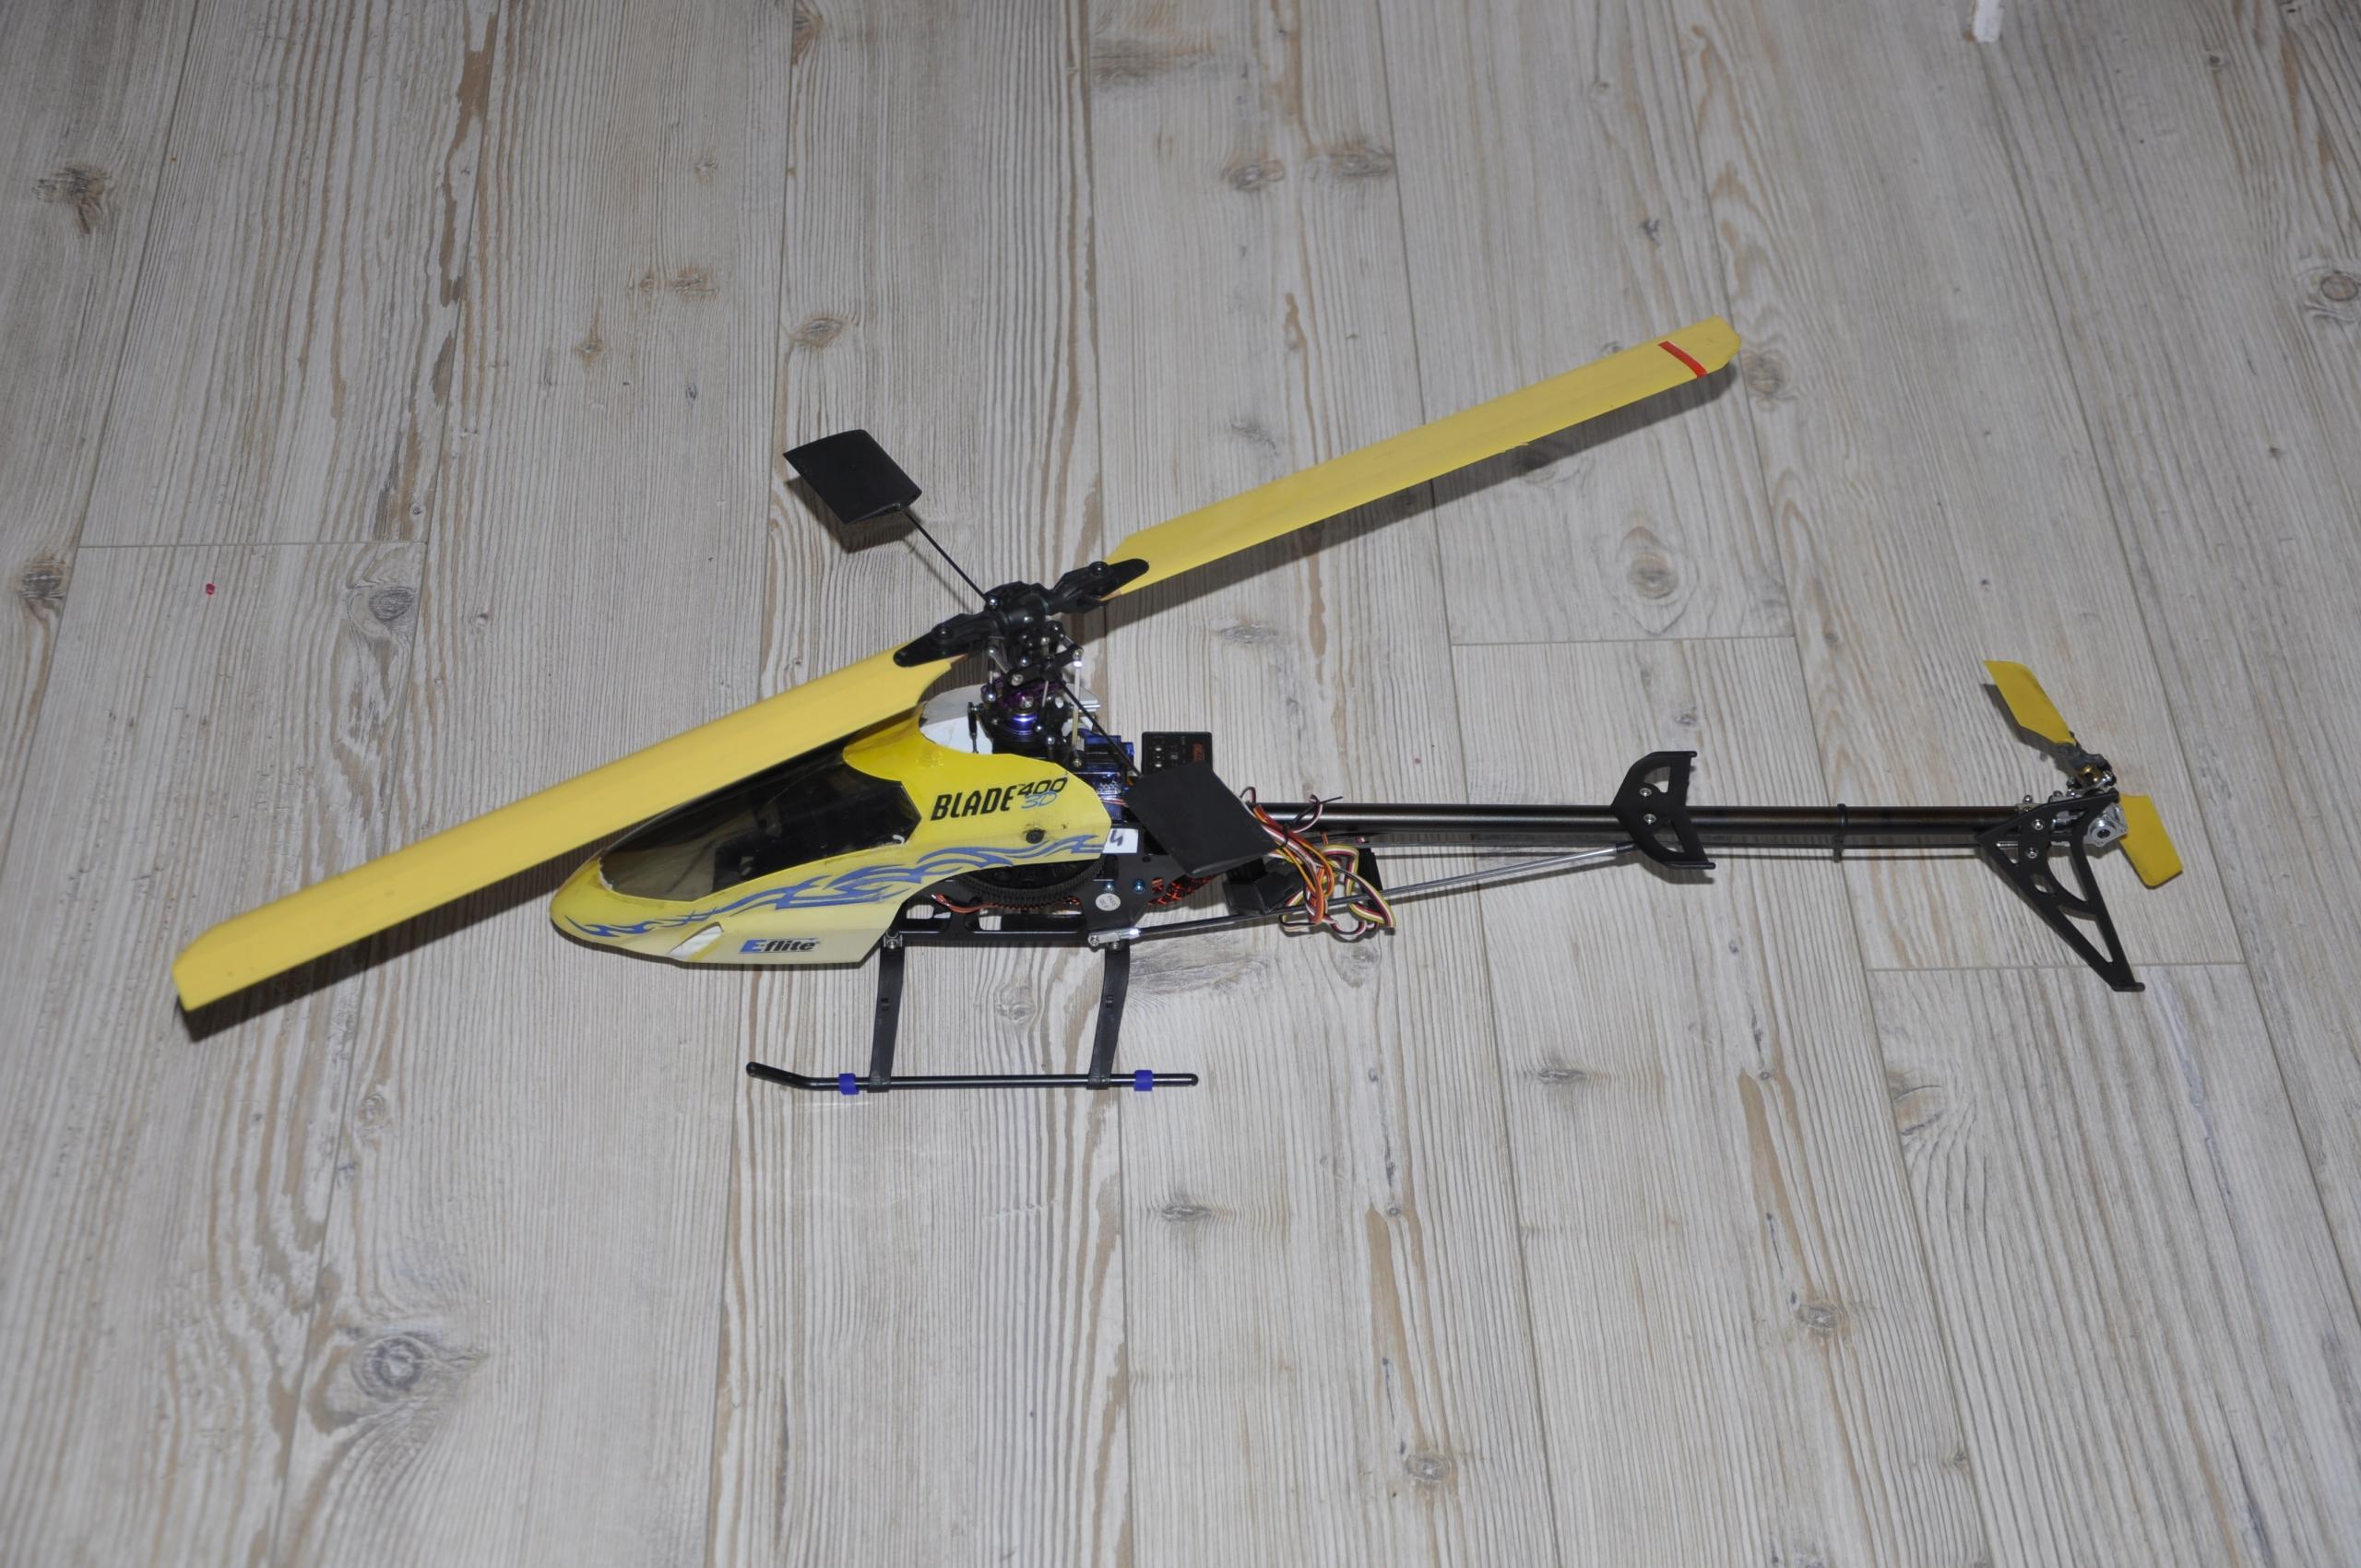 Eflite Blade 400 3D